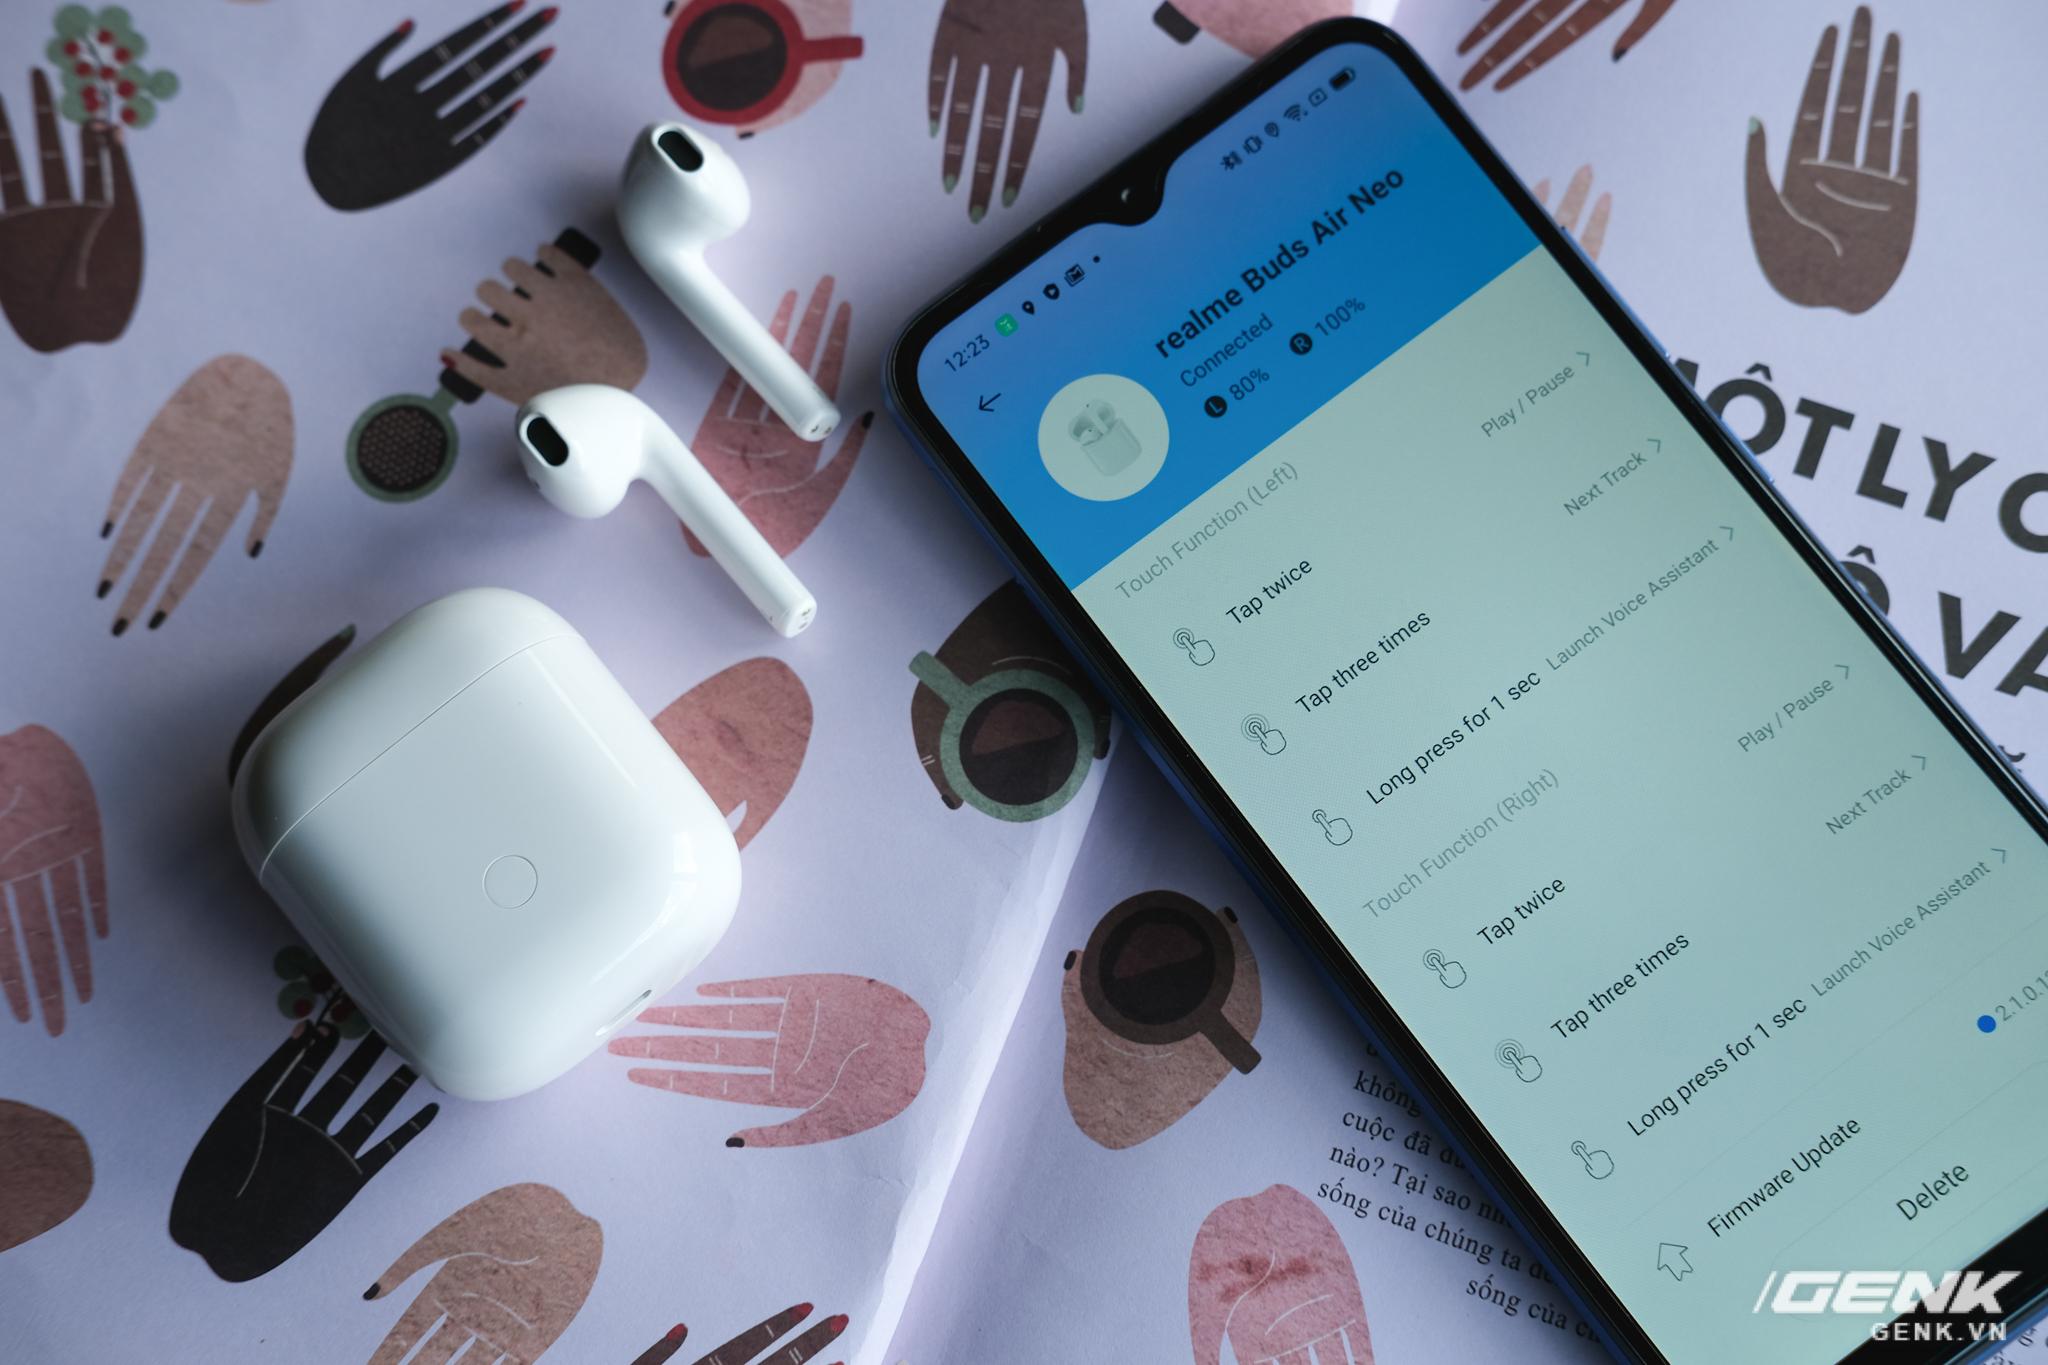 Trên tay tai nghe không dây Realme Buds Air Neo: Thoạt nhìn tưởng AirPods, có điều giá chưa đến 2 triệu đồng - Ảnh 15.